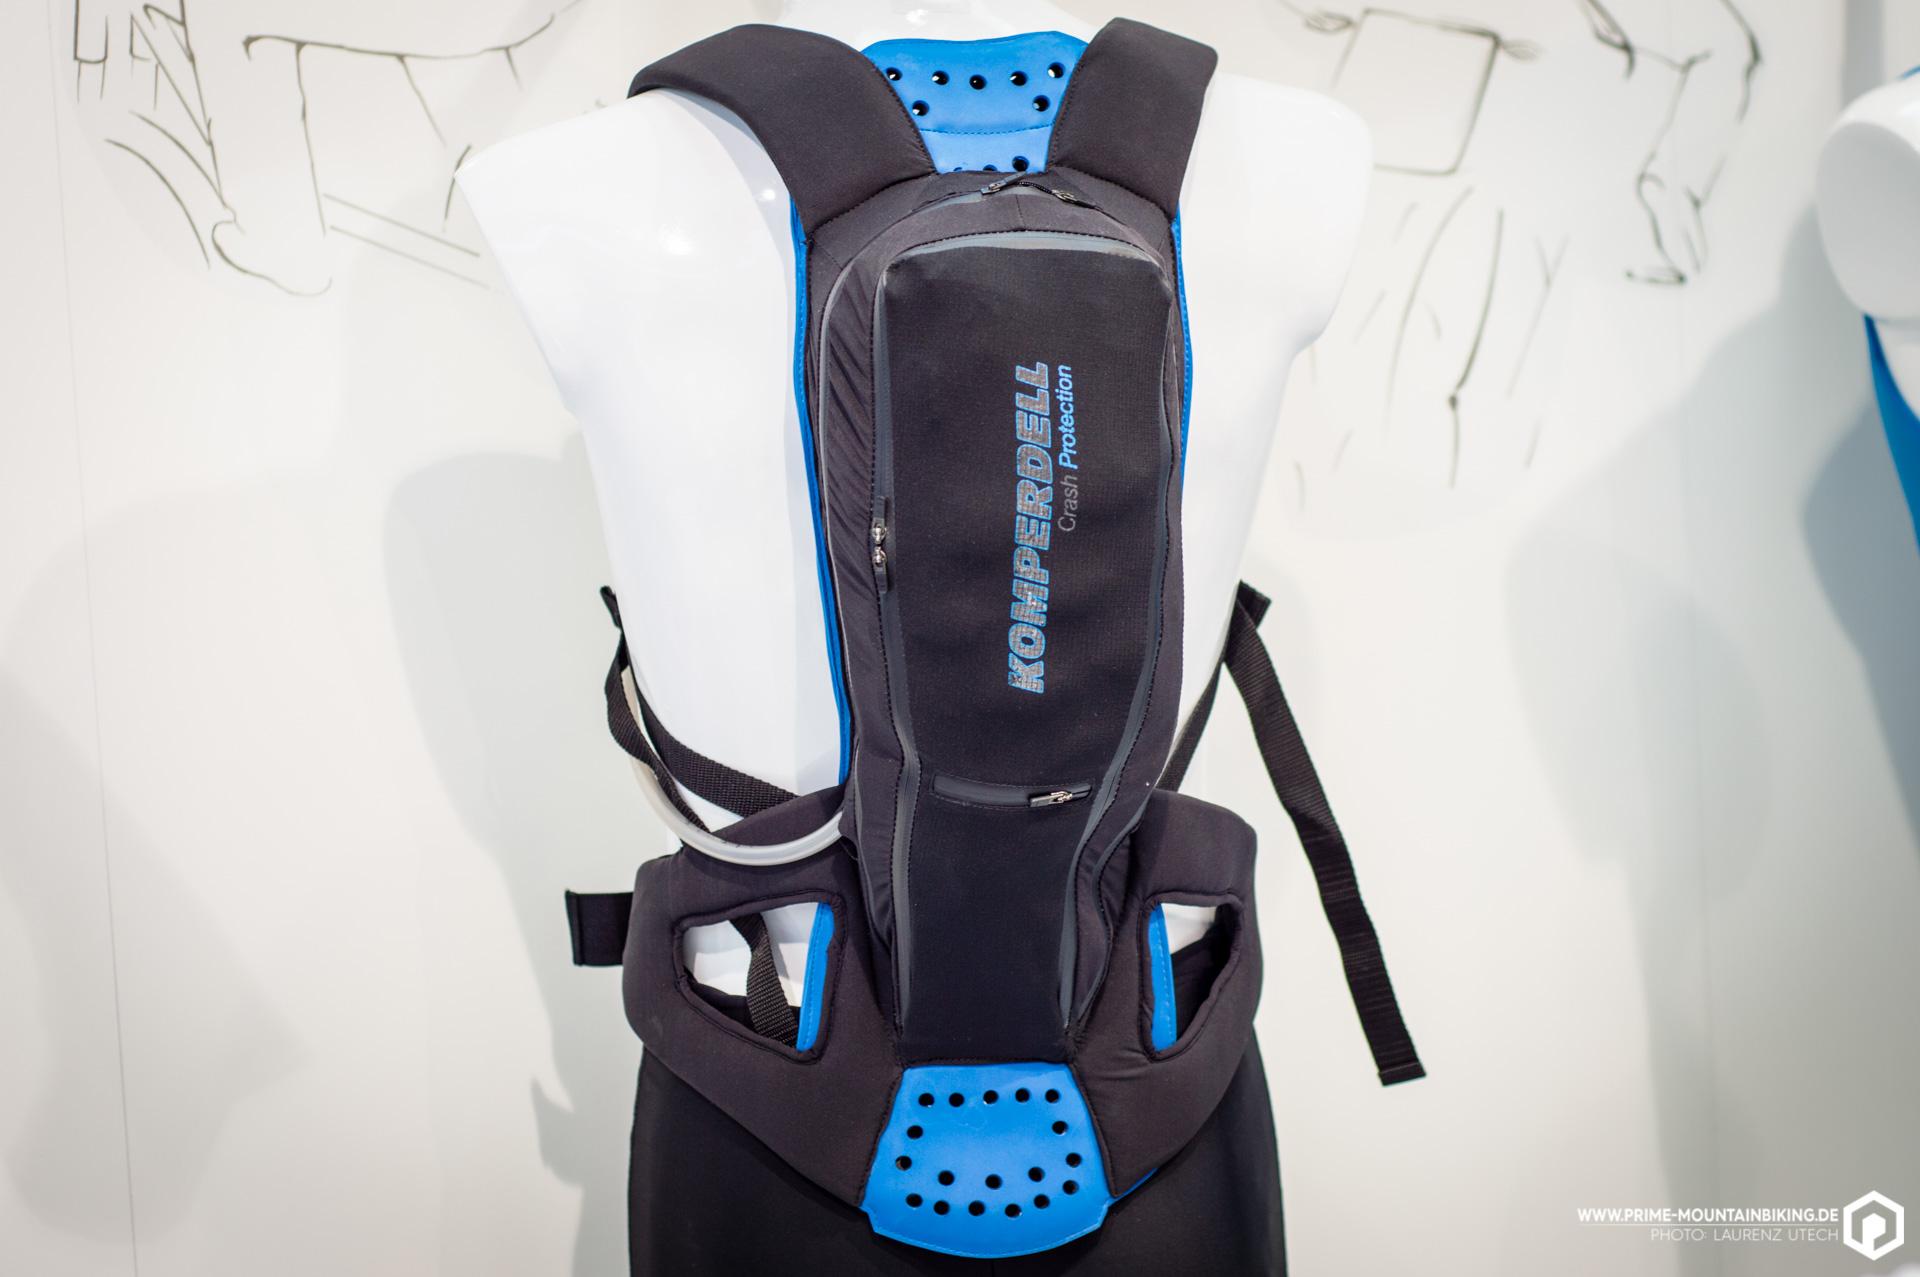 Der Protection Pack von Komperdell wurde mit besonderem Augenmerk auf die Schutzfunktion des Rucksacks entwickelt und gewann dafür den Eurobike Award 2016.